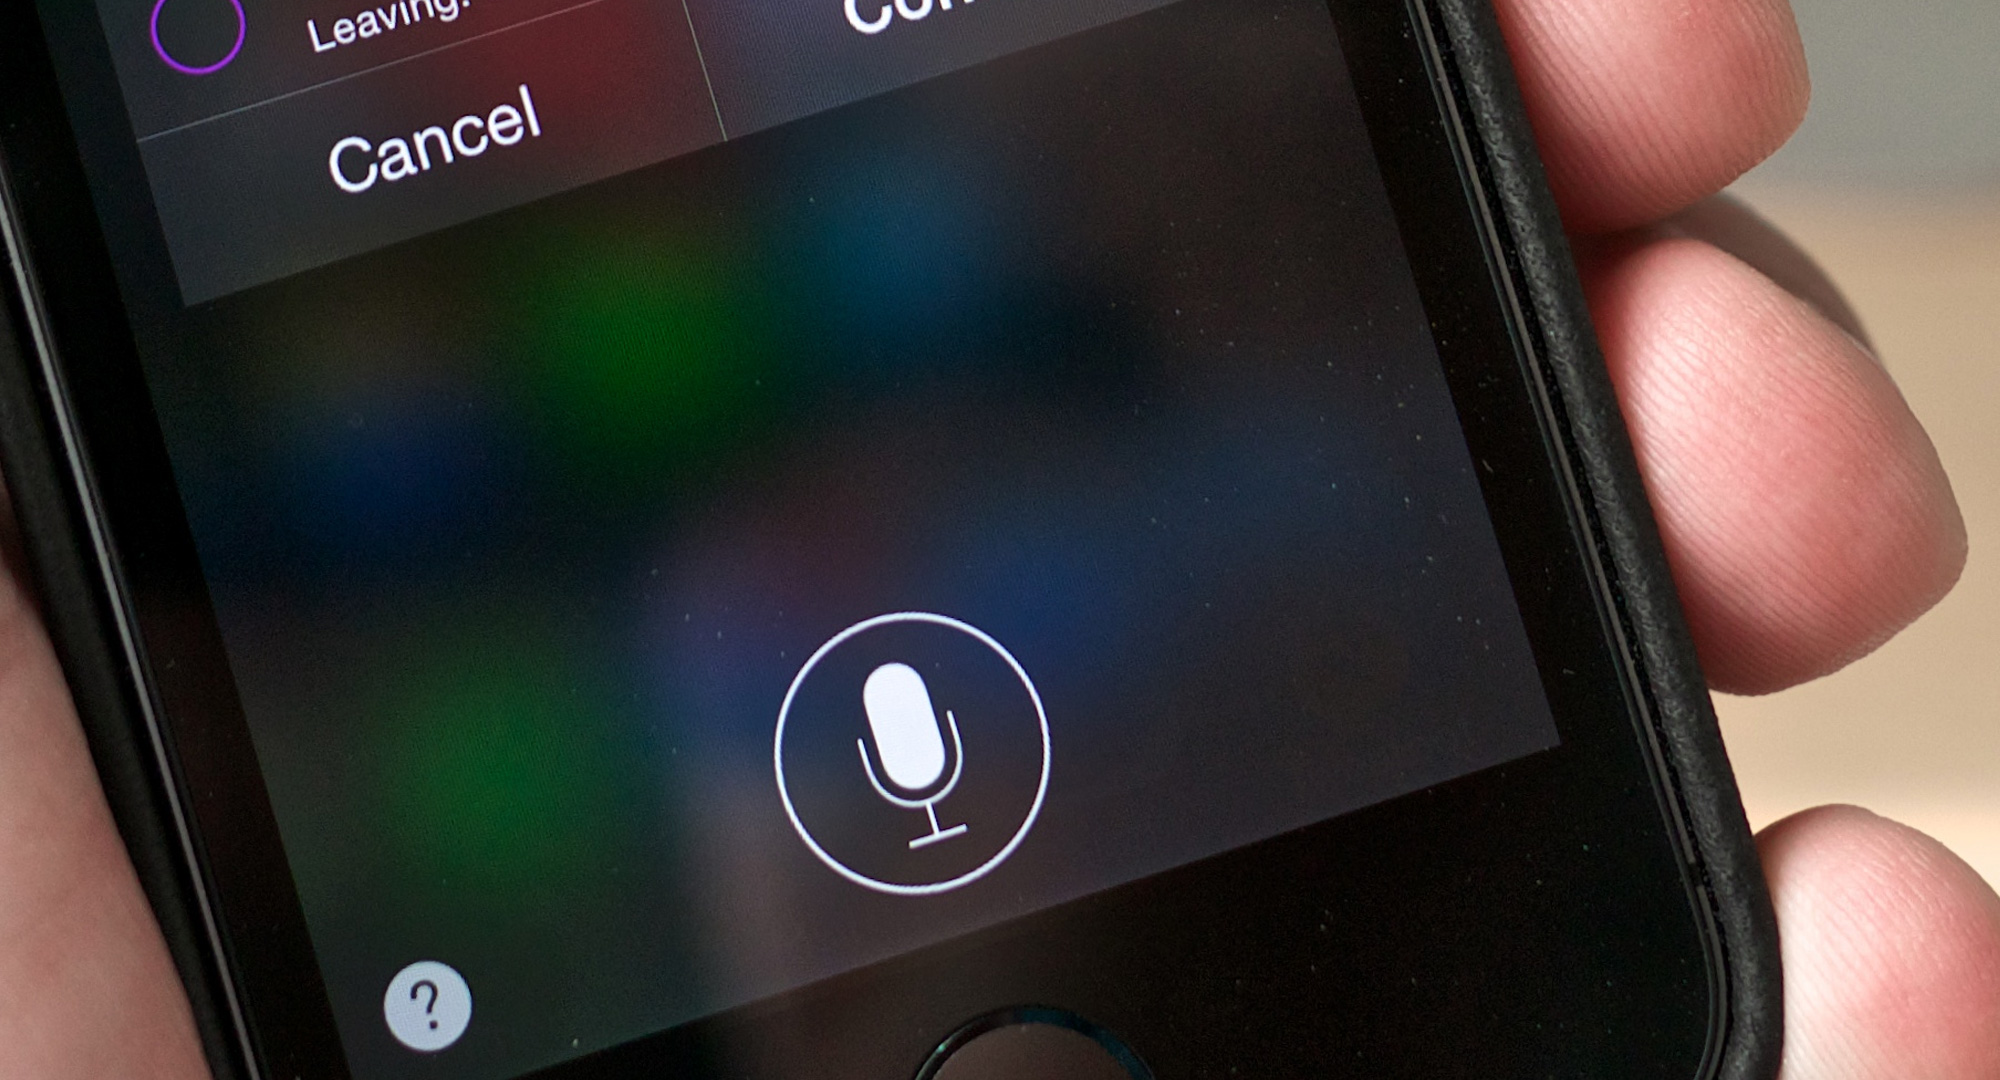 Vidéo Gilbert Collard pense être sur écoute... alors qu'il s'agit de Siri